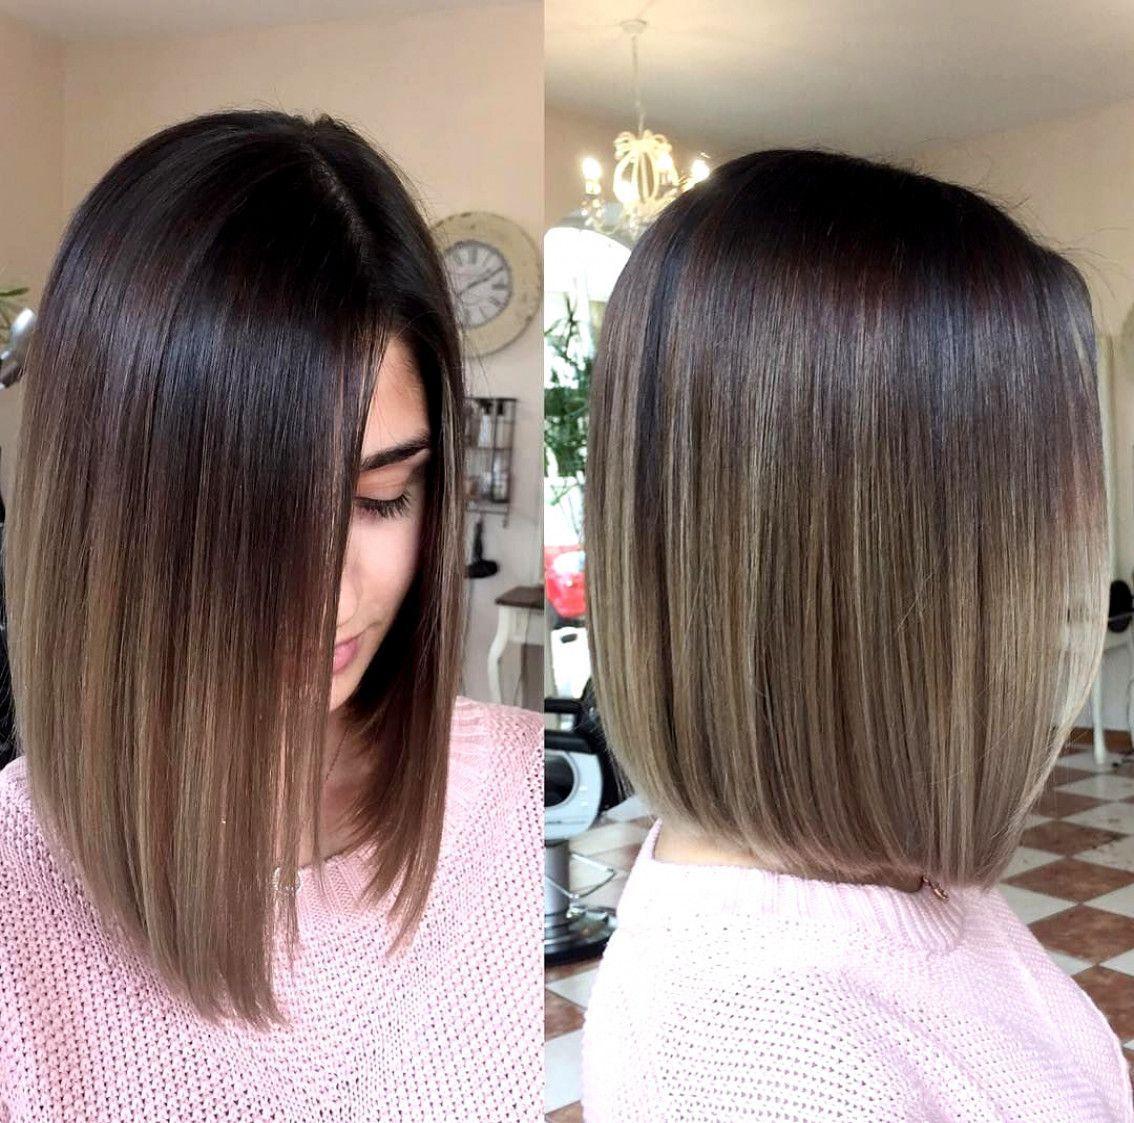 Ombrebalayage Shoulderlengthhair Brownombrehair Ombrehairblonde Shoulderlength Balayagebrunette Ombre Hair Blonde Brown Ombre Hair Short Hair Balayage